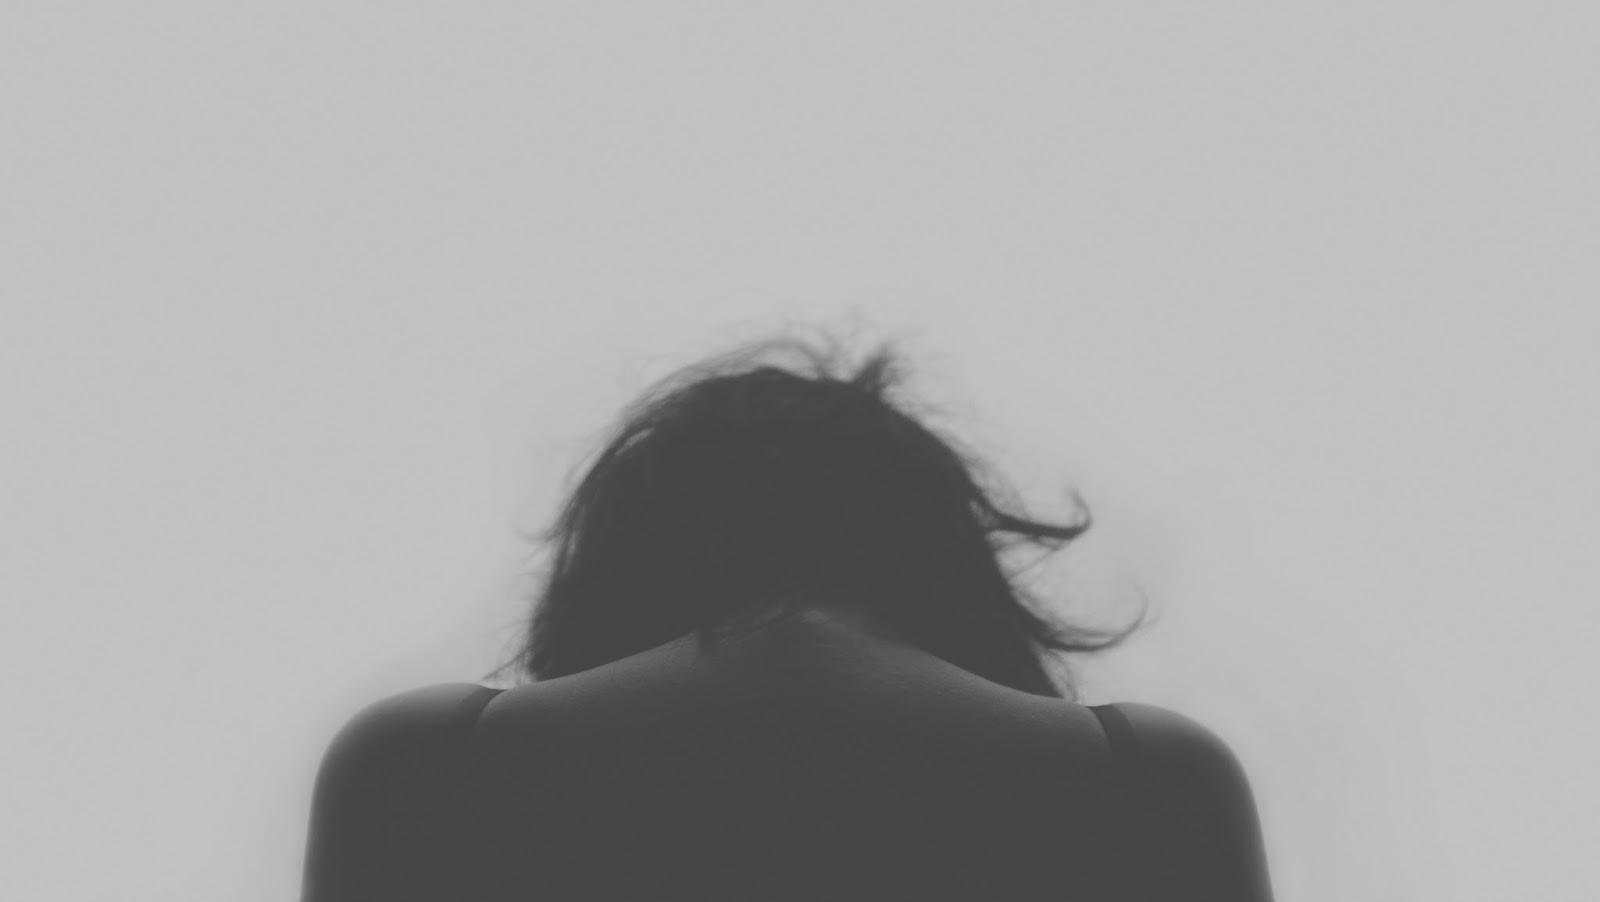 relacionamentos abusivos, relação de abuso, relacionamento, pessoa de costas